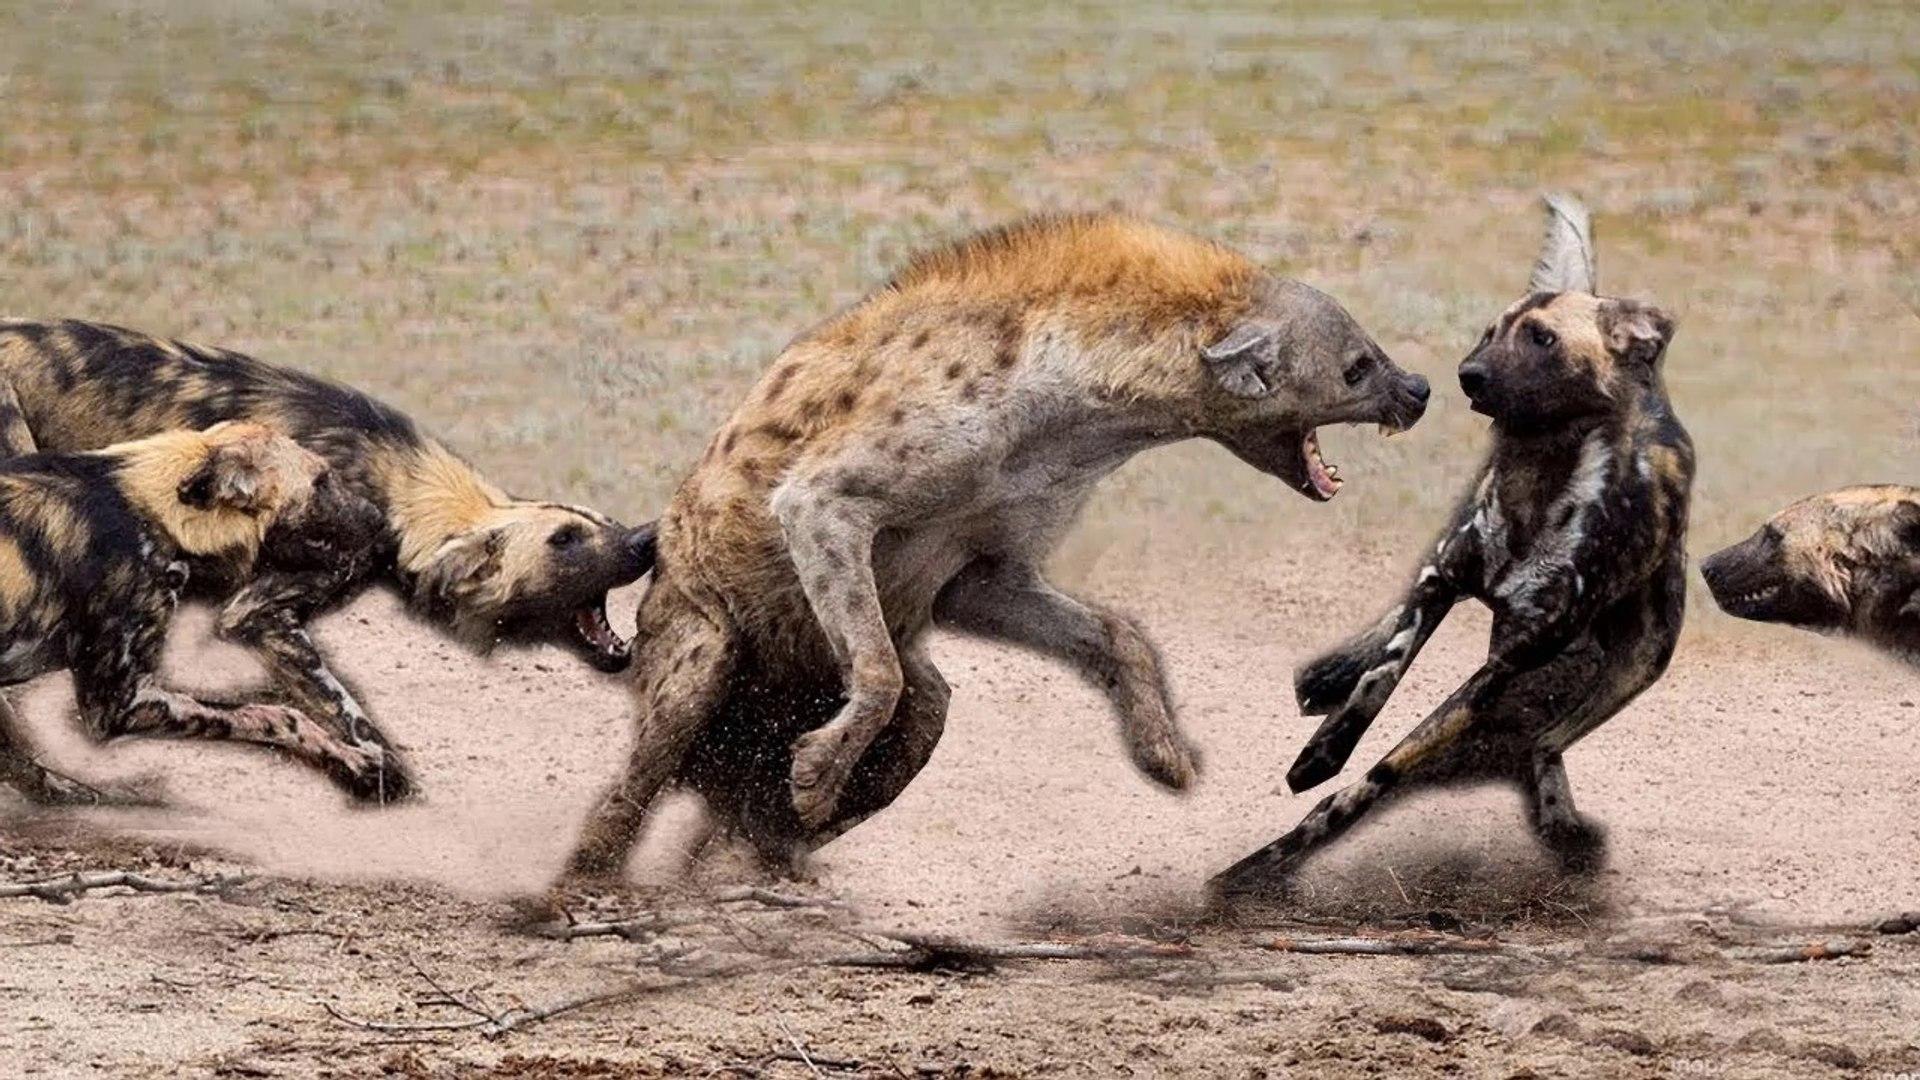 Amazing Wild Dogs Compilation - Wild Dogs Vs Hyenas Amazing Battle